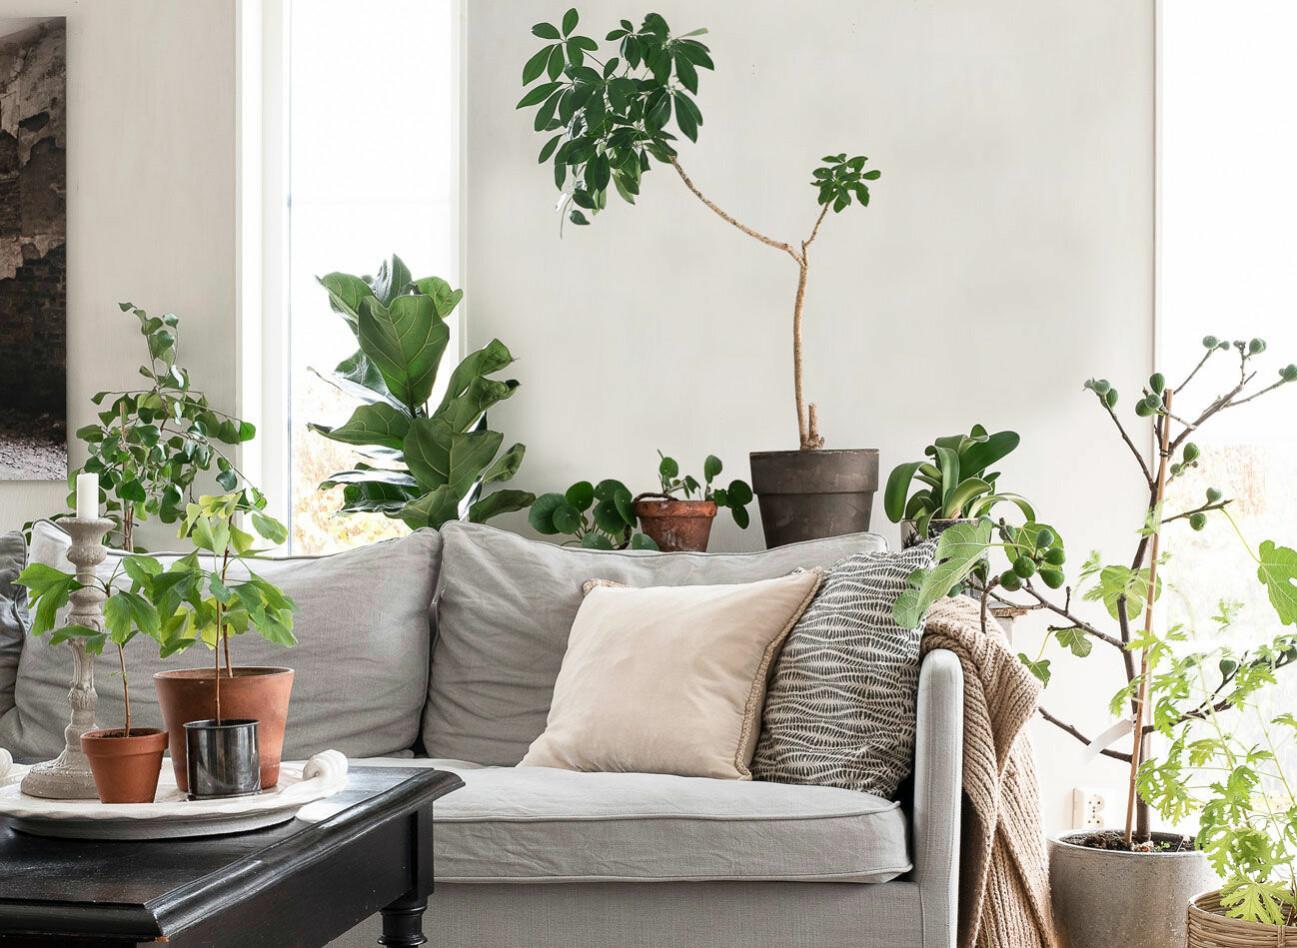 Ett hem med sköna gröna växter – som ger en mysig stämning.